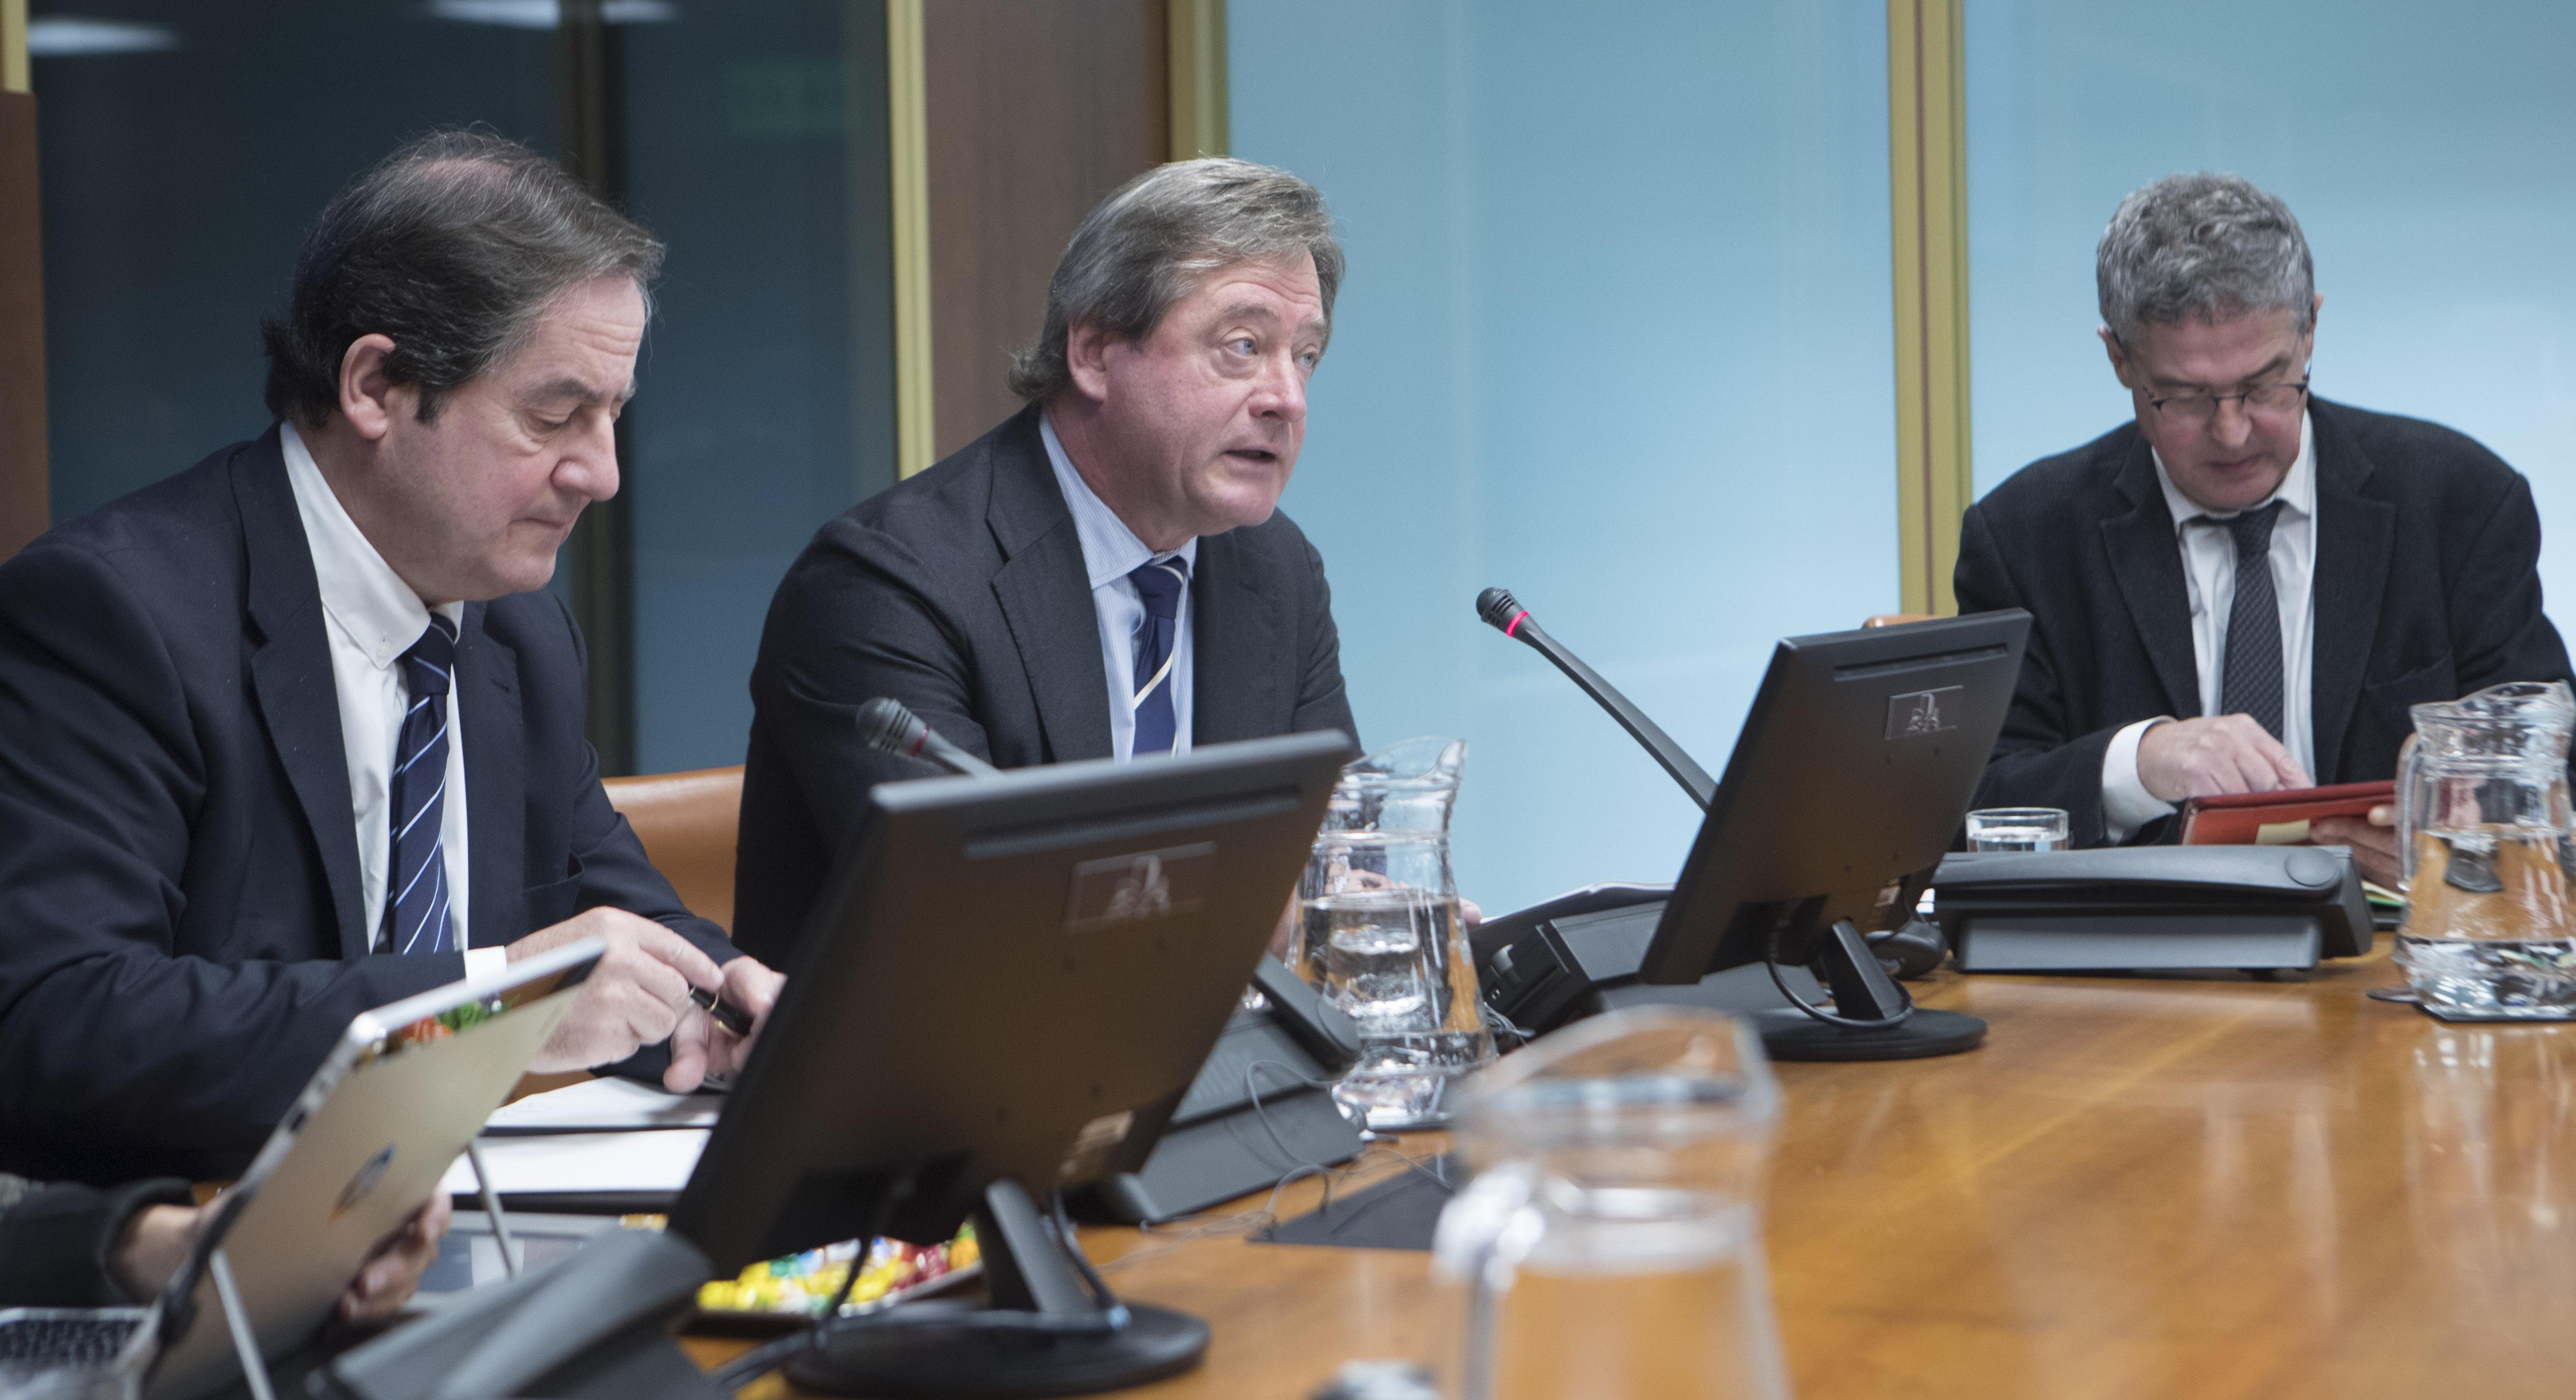 El Departamento de Cultura y Política Lingüística del Gobierno Vasco contará en 2020 con un presupuesto de 276,3 millones de euros en el que destaca la apuesta por el Sistema Vasco del Arte y la gratuidad en la enseñanza del euskera hasta el nivel B2